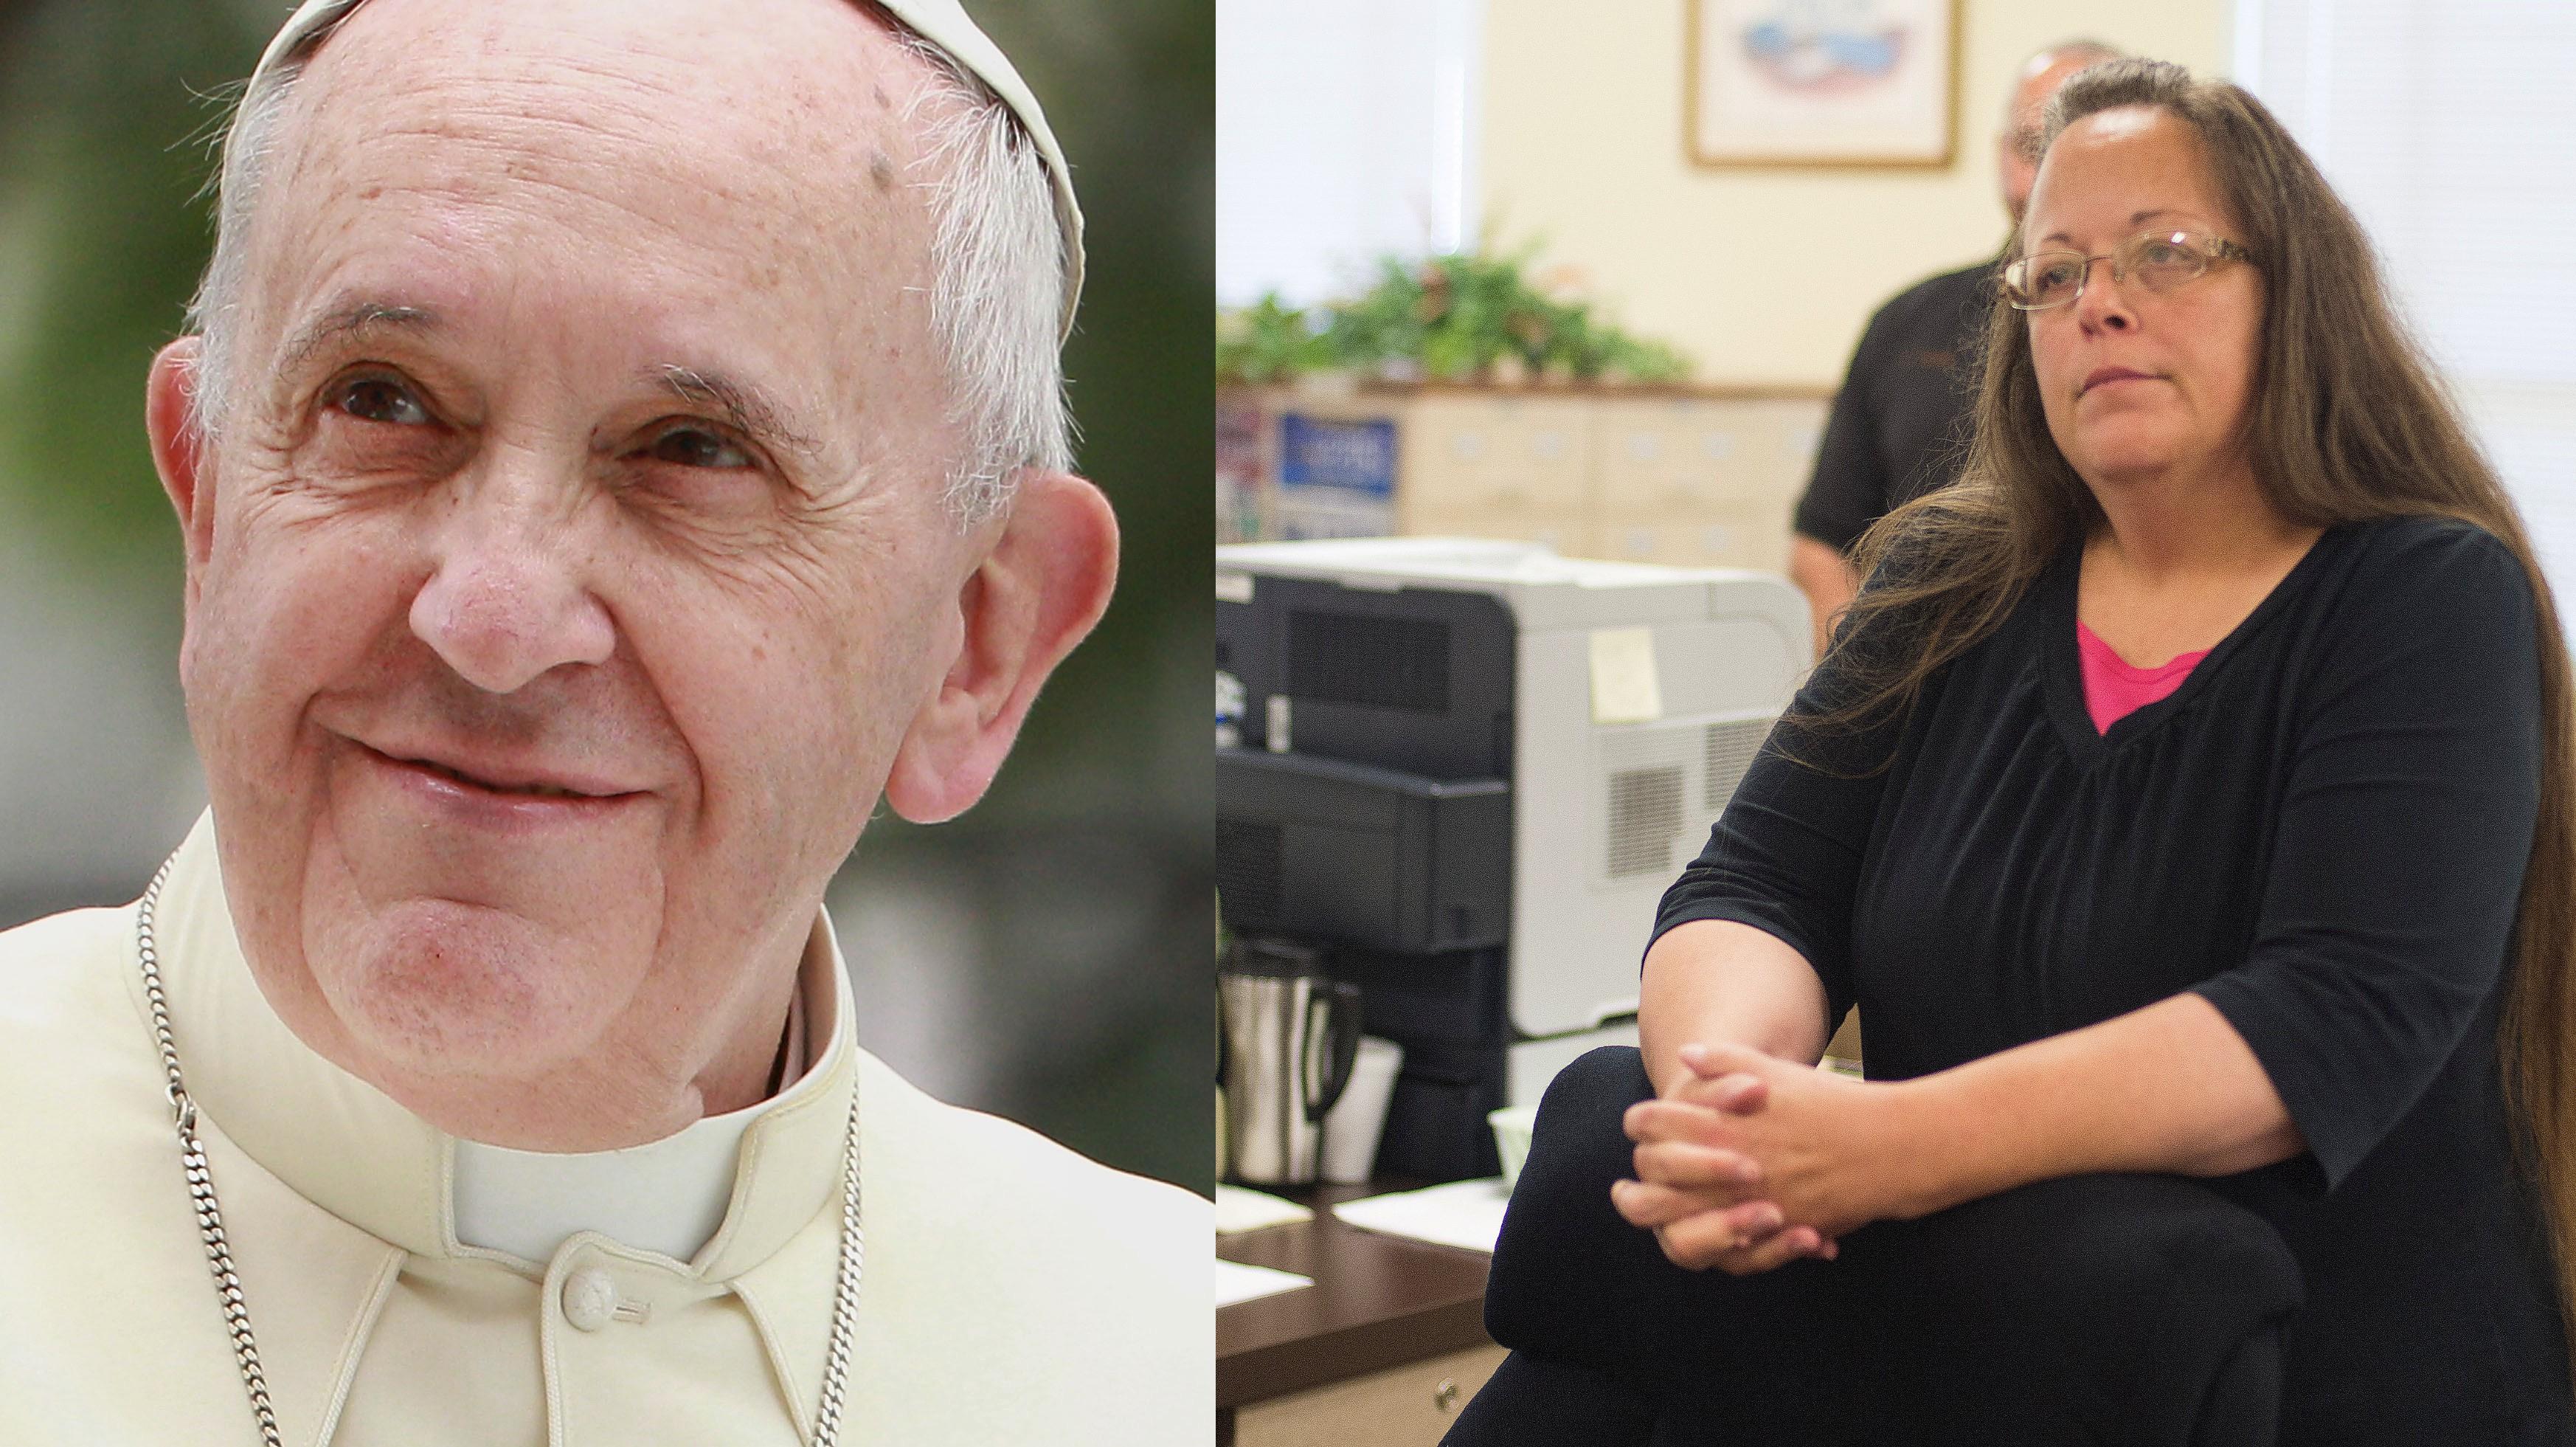 kim davis pope francis, kim davis pope francis meeting, pope francis met with kim davis, did pope francis meet with kim davis, pope francis kentucky clerk, pope francis gay marriage clerk